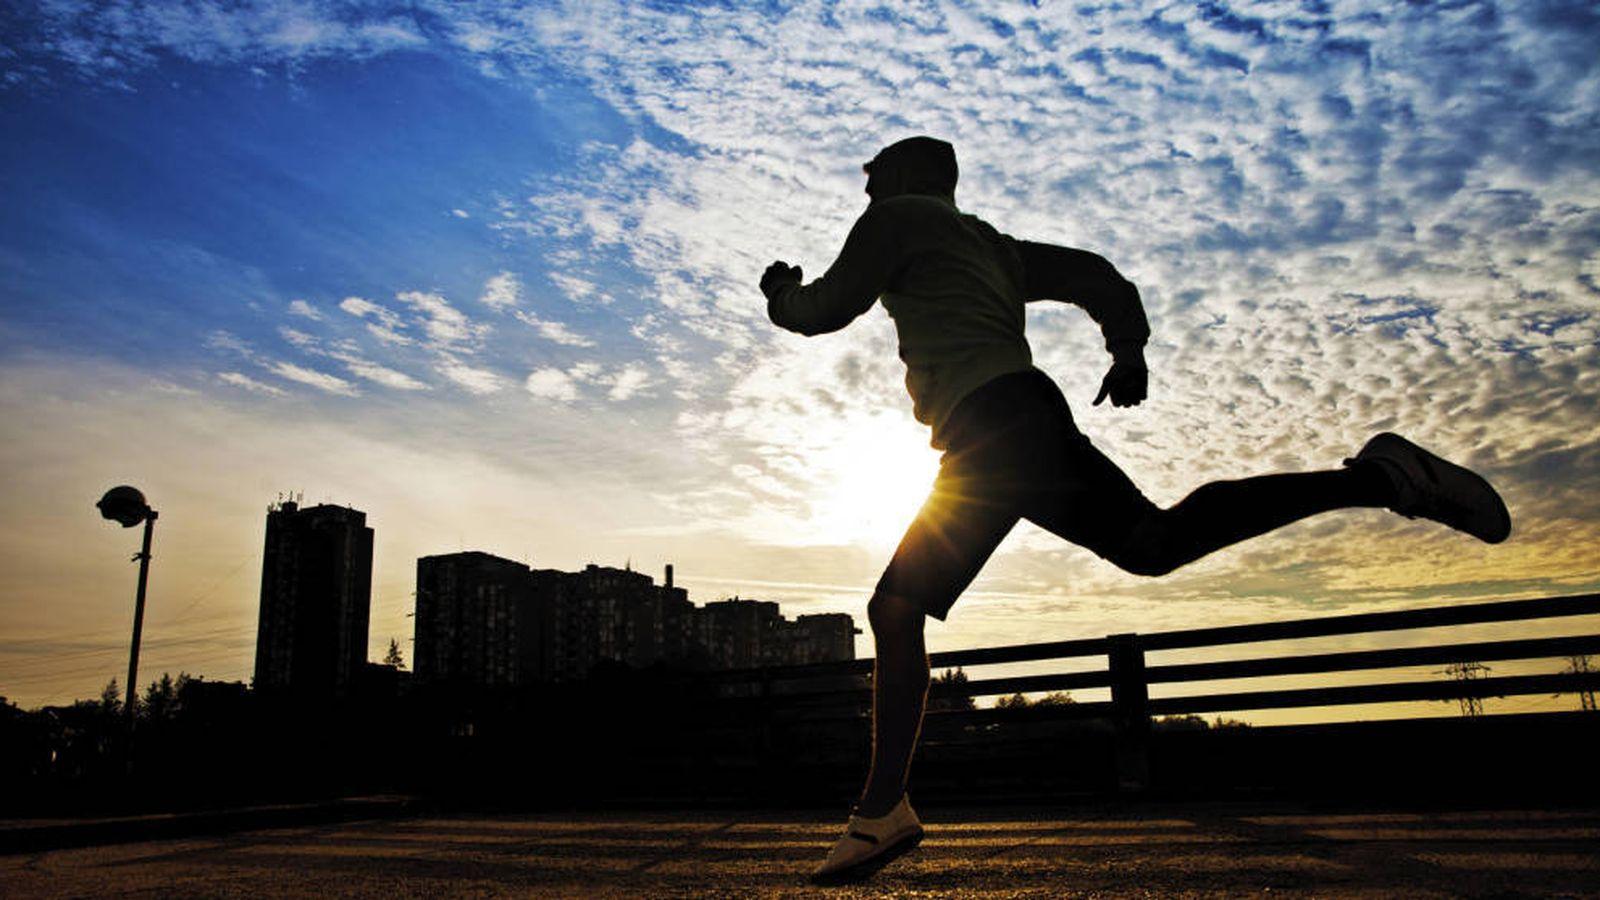 Running c mo correr de noche con seguridad consejos para for Para desarrollar un corredor estrecho